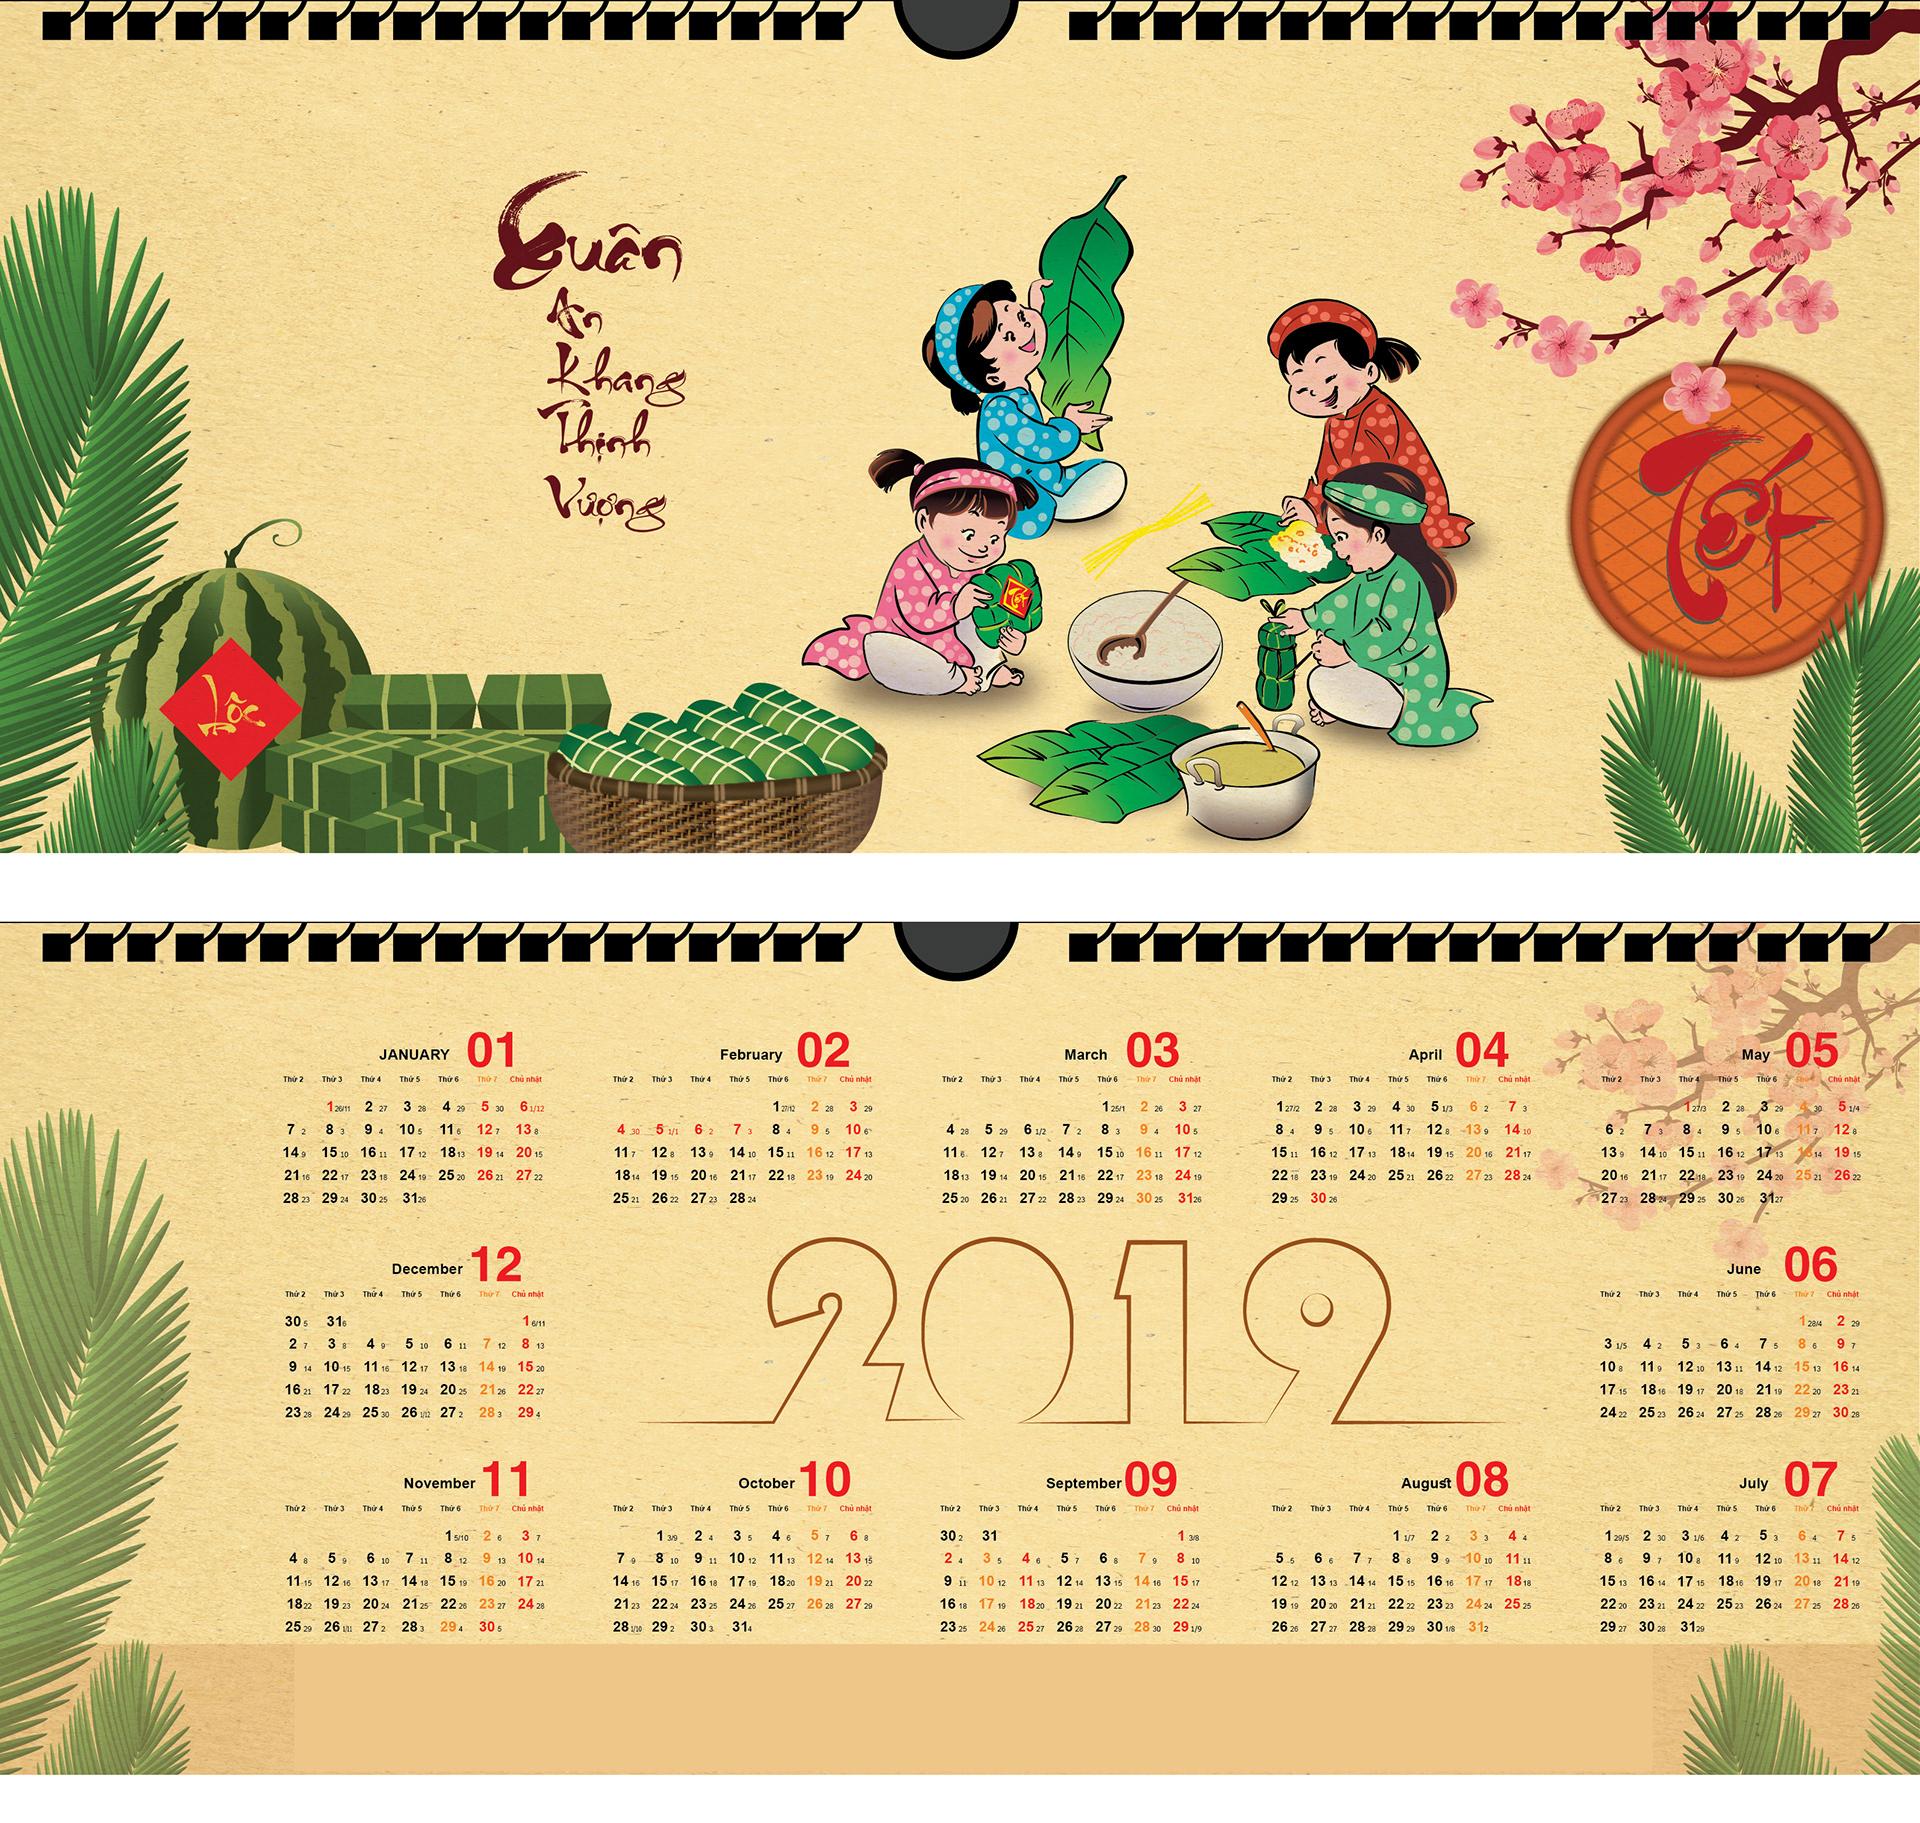 Lịch âm dương là loại lịch mà hầu hết người dân Việt đều sử dụng